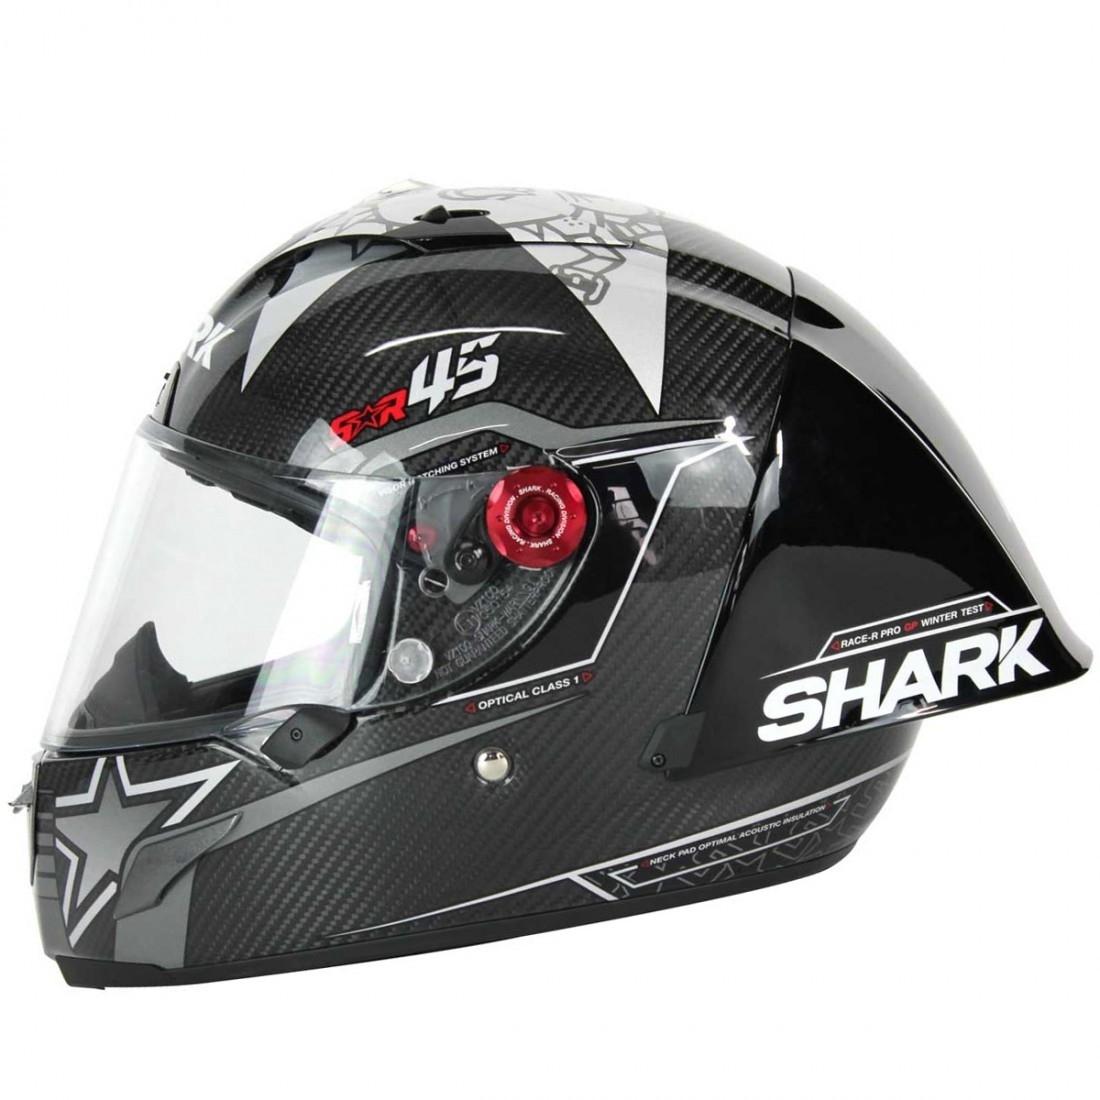 shark race r pro gp redding winter test limited edition. Black Bedroom Furniture Sets. Home Design Ideas